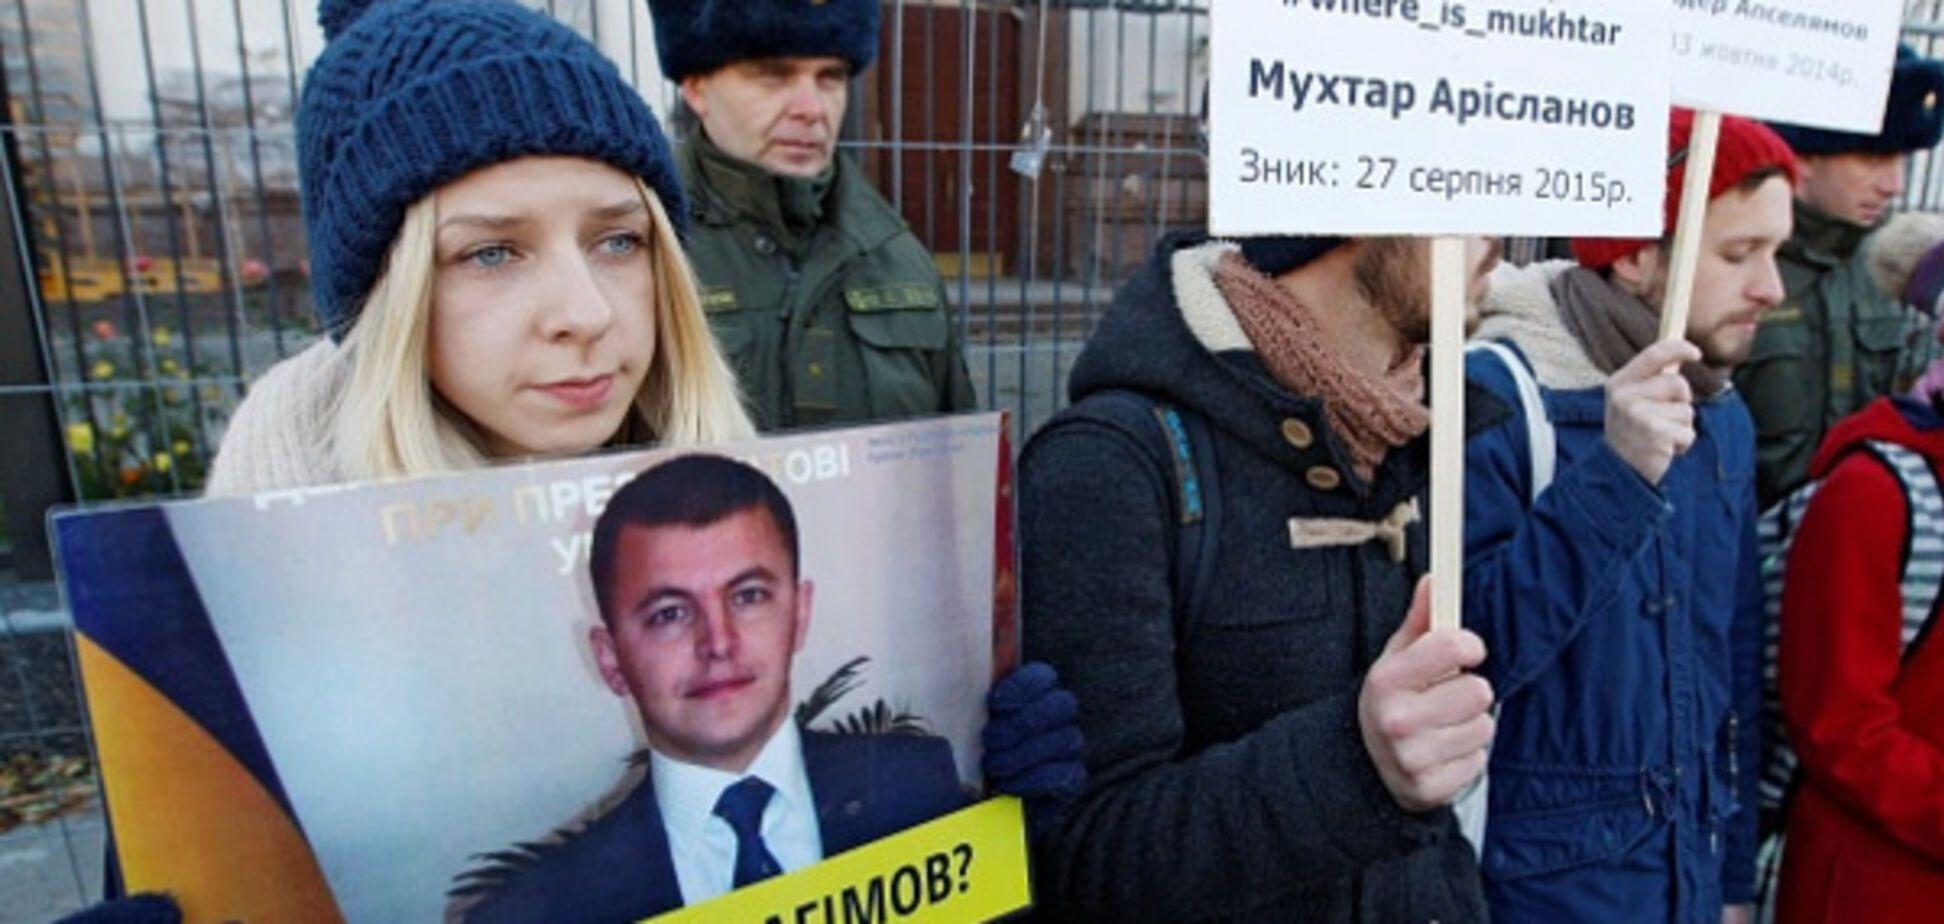 Хочуть затоптати: Муждабаєв розповів, що творить 'руський мир' у Криму